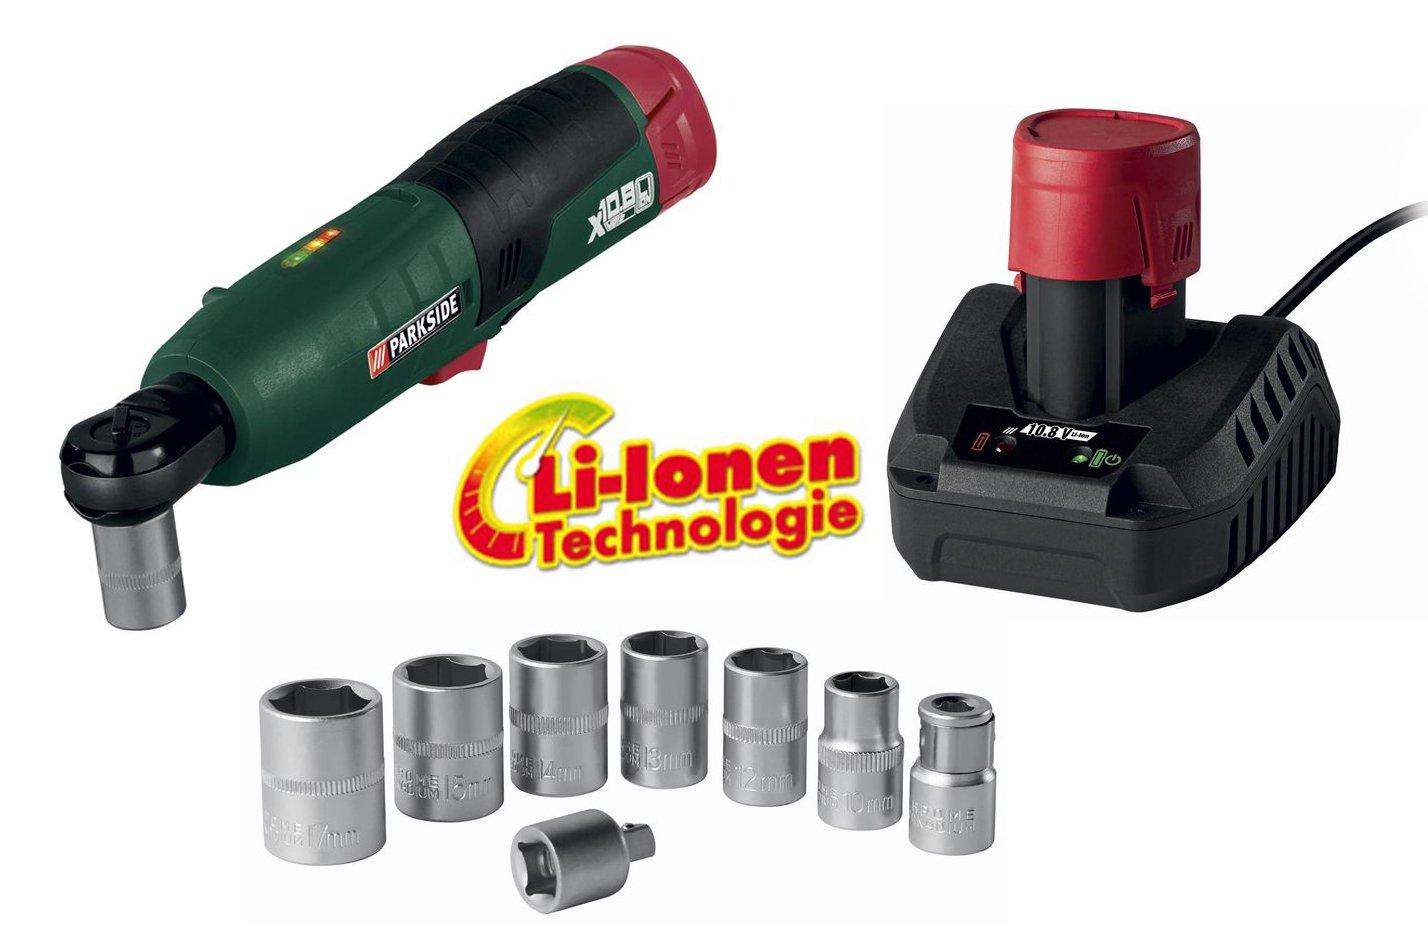 Batería de iones de litio de destornillador (carraca 3/8 pulgadas ...